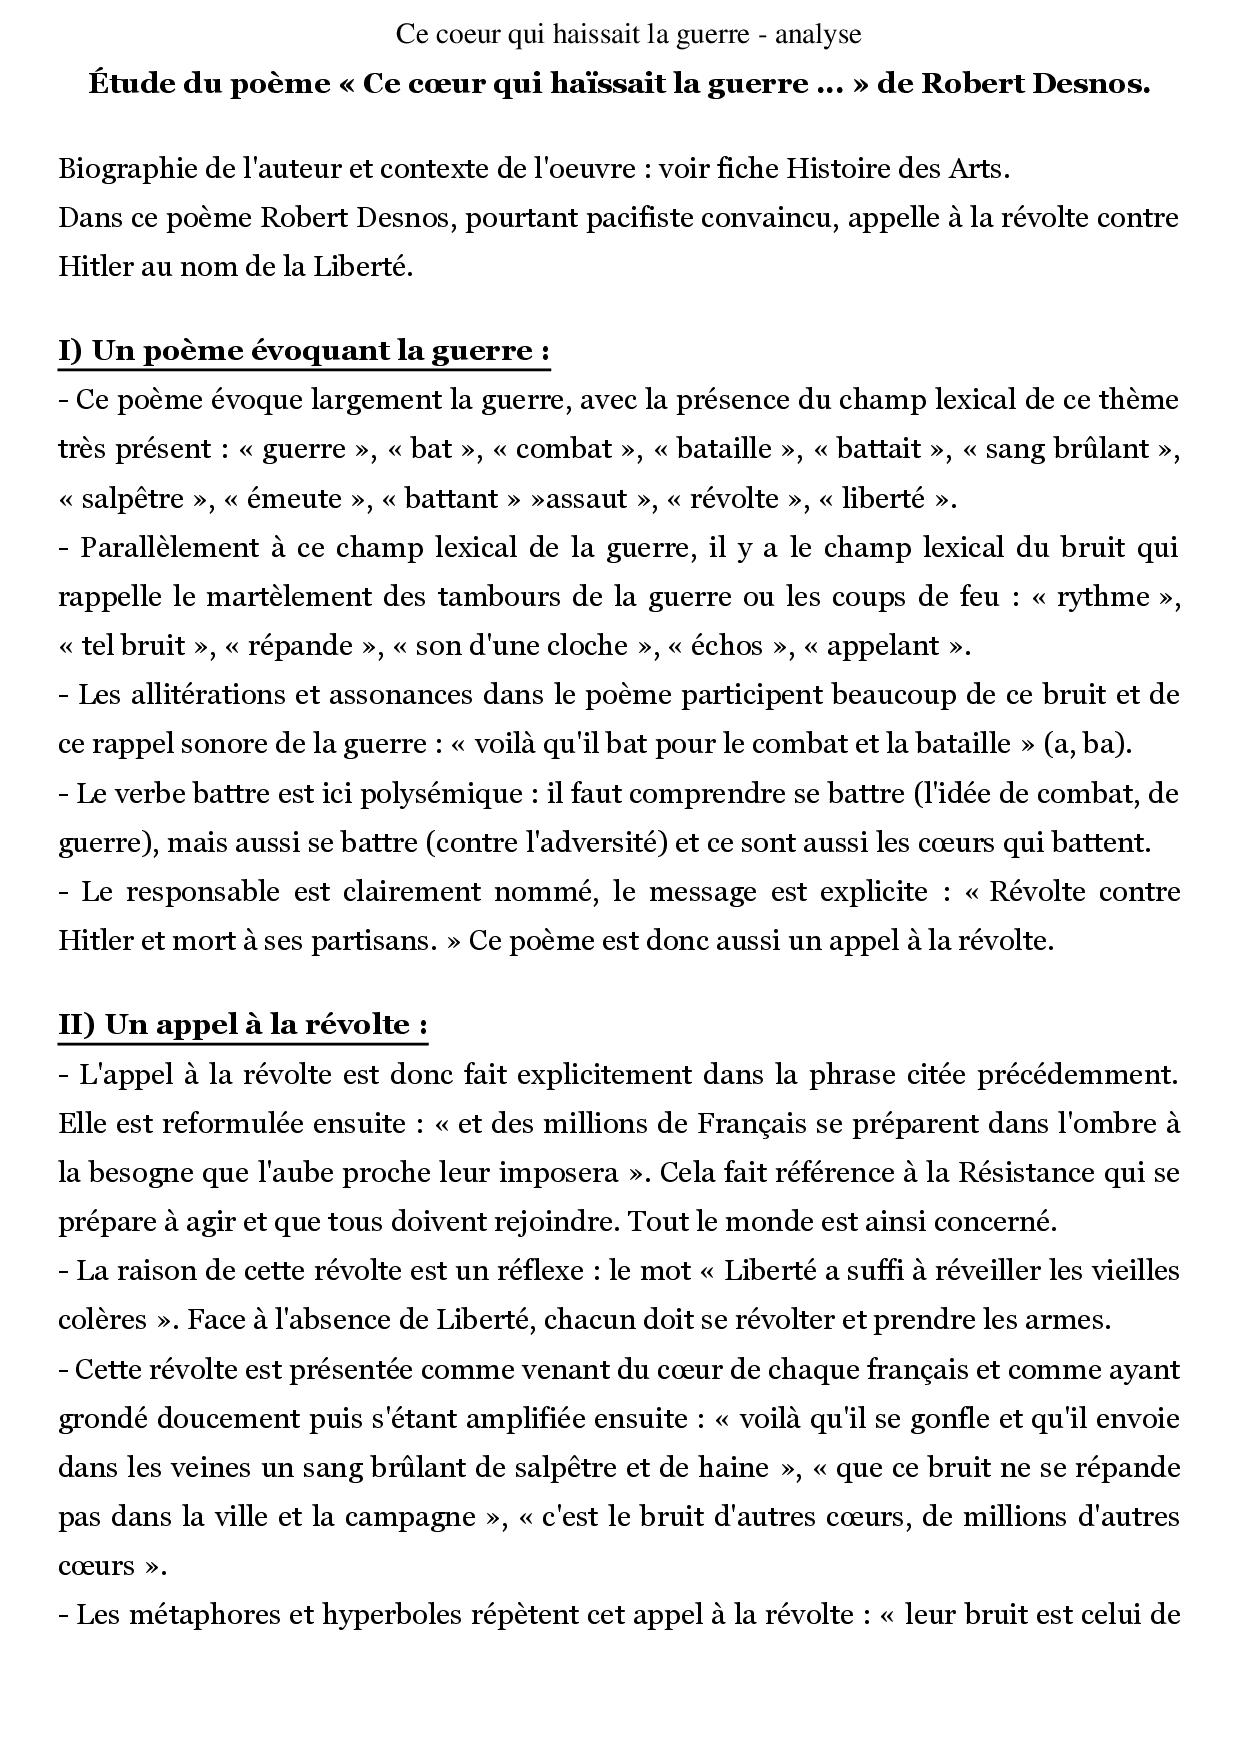 Ce Coeur Qui Haissait La Guerre - Analyse - Docsity concernant Poème De Robert Desnos